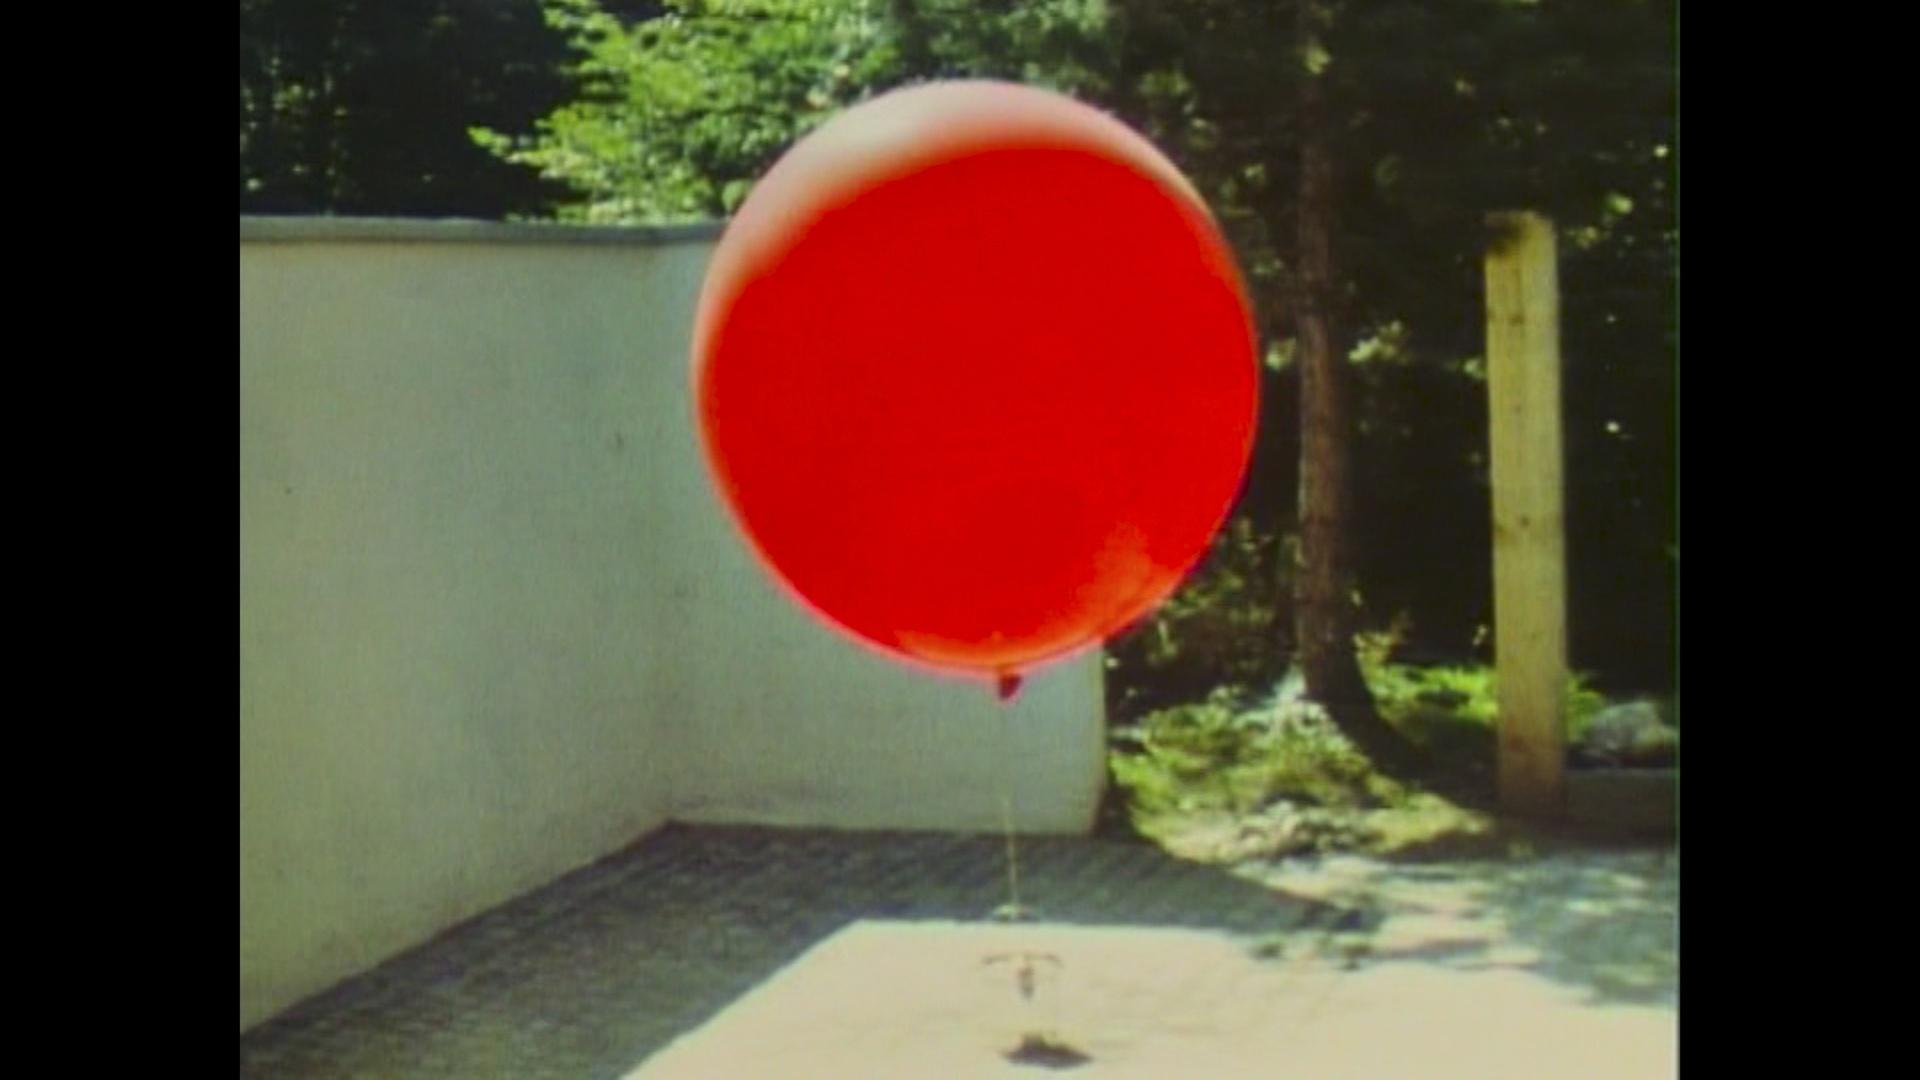 Ballon mit Eimer